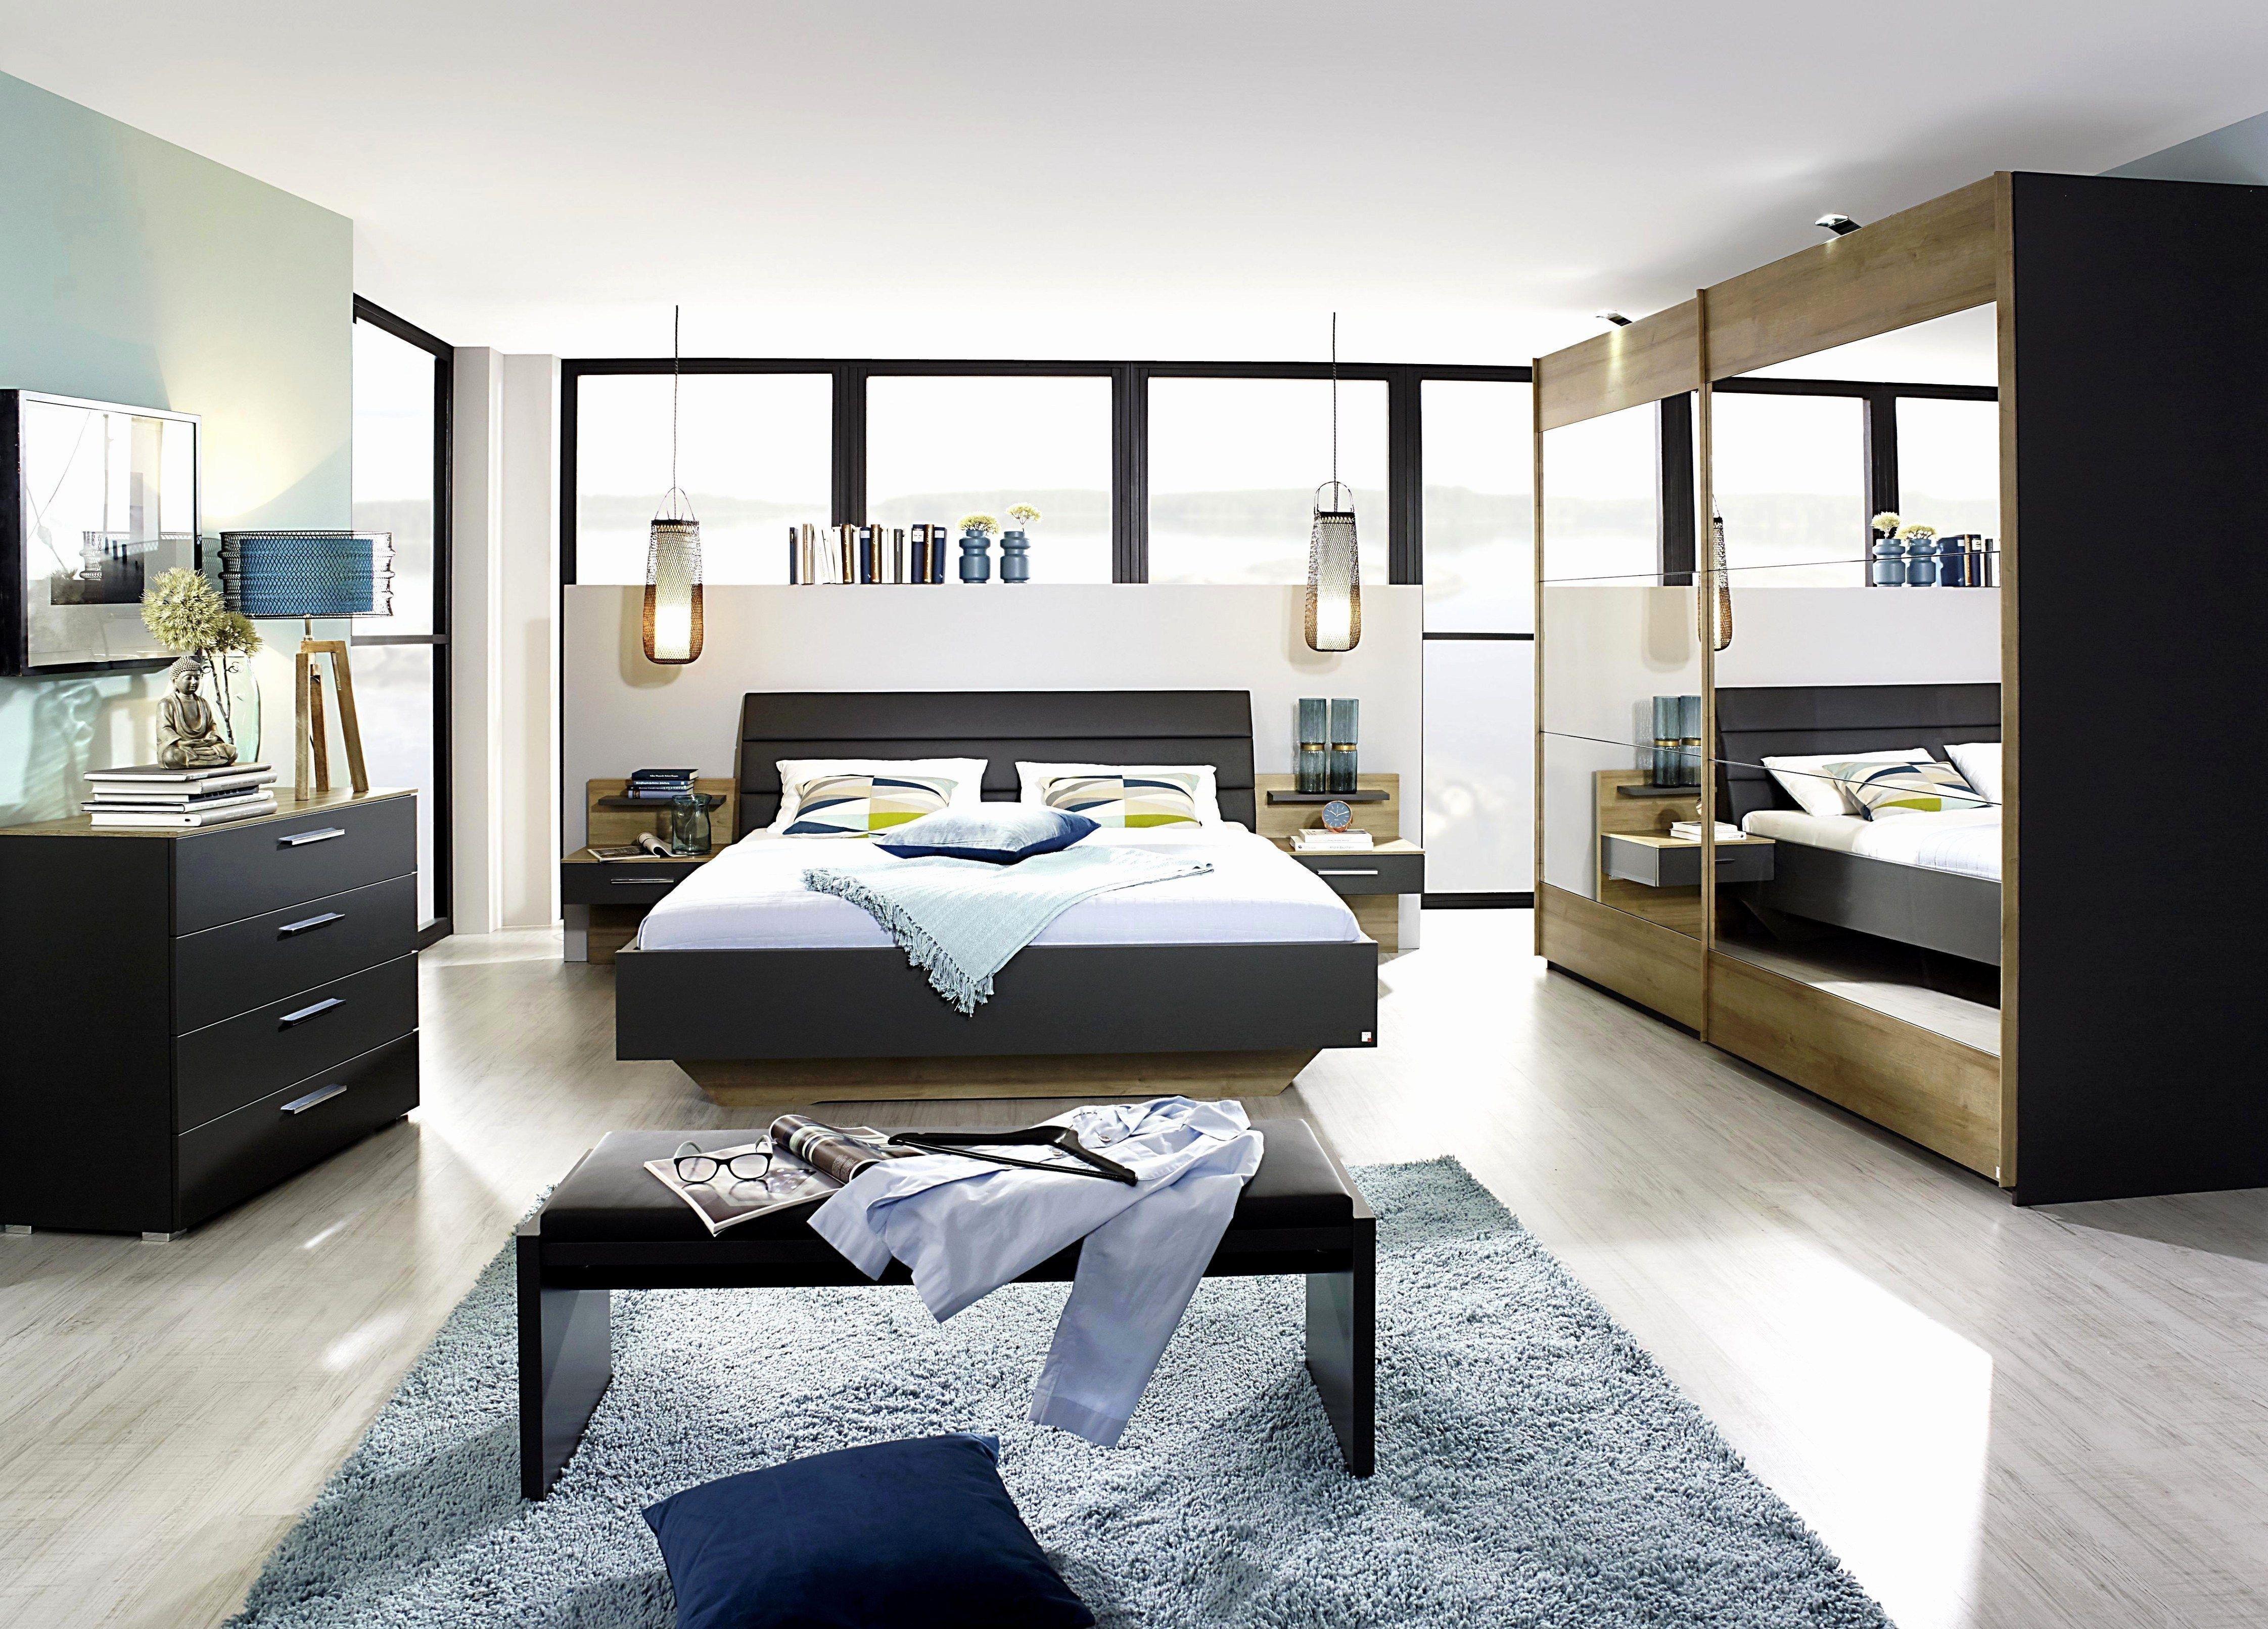 Schlafzimmer mit viel Stauraum  Schlafzimmer einrichten